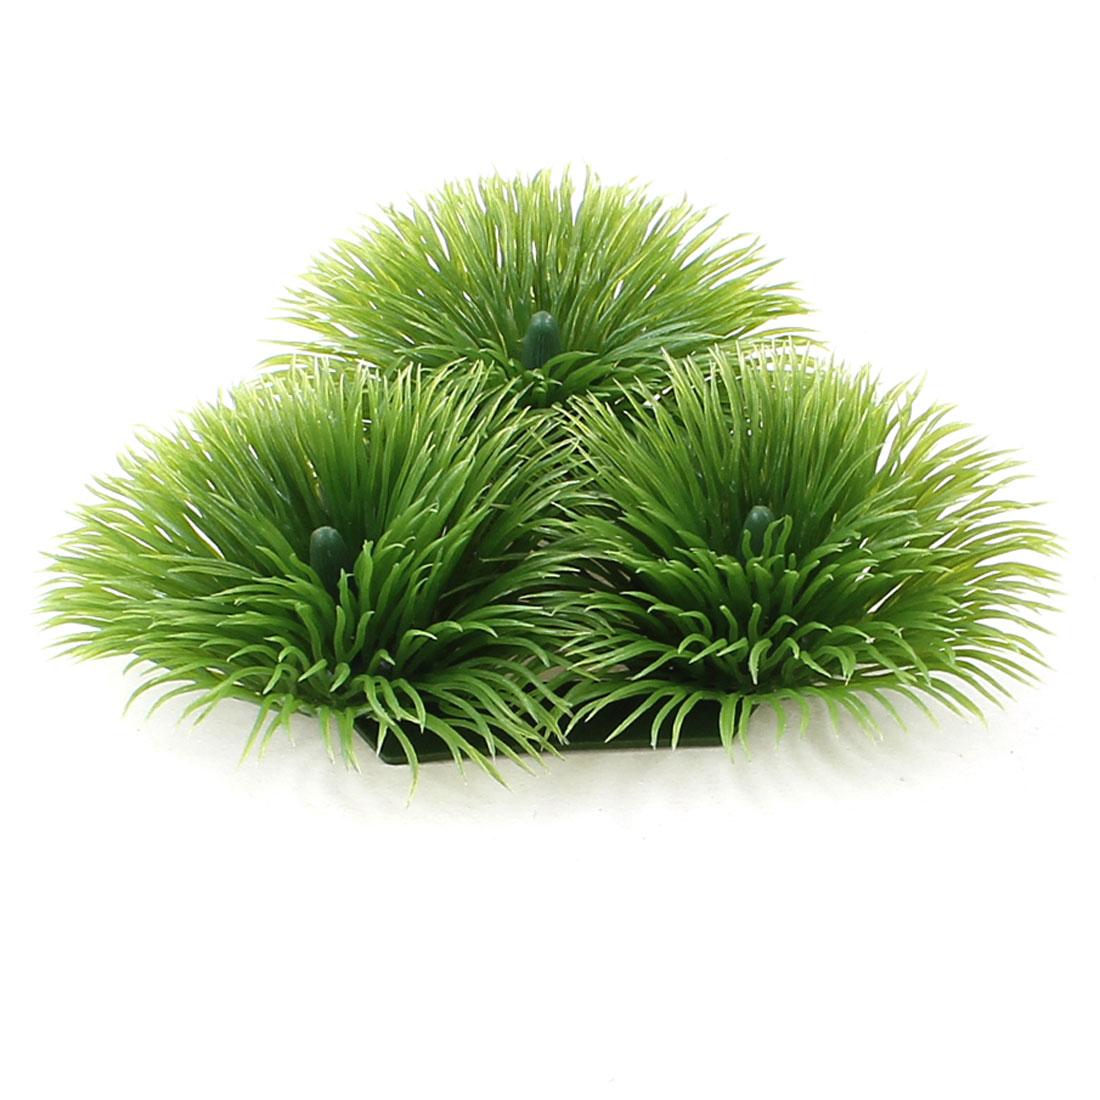 Green Plastic Manmade Round Underwater Plant Grass Balls for Aquarium